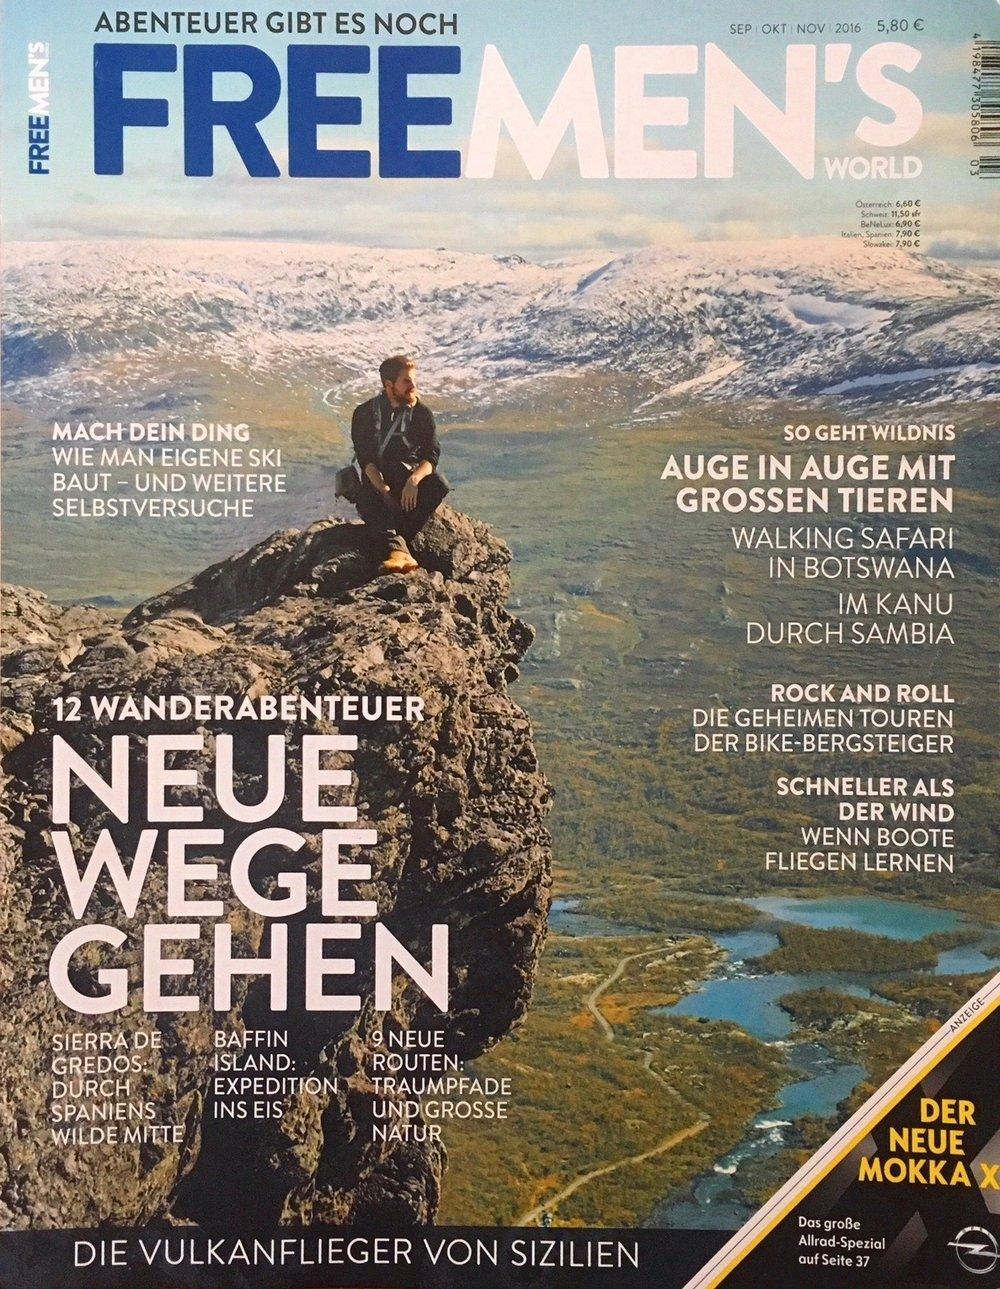 freemens cover.jpg